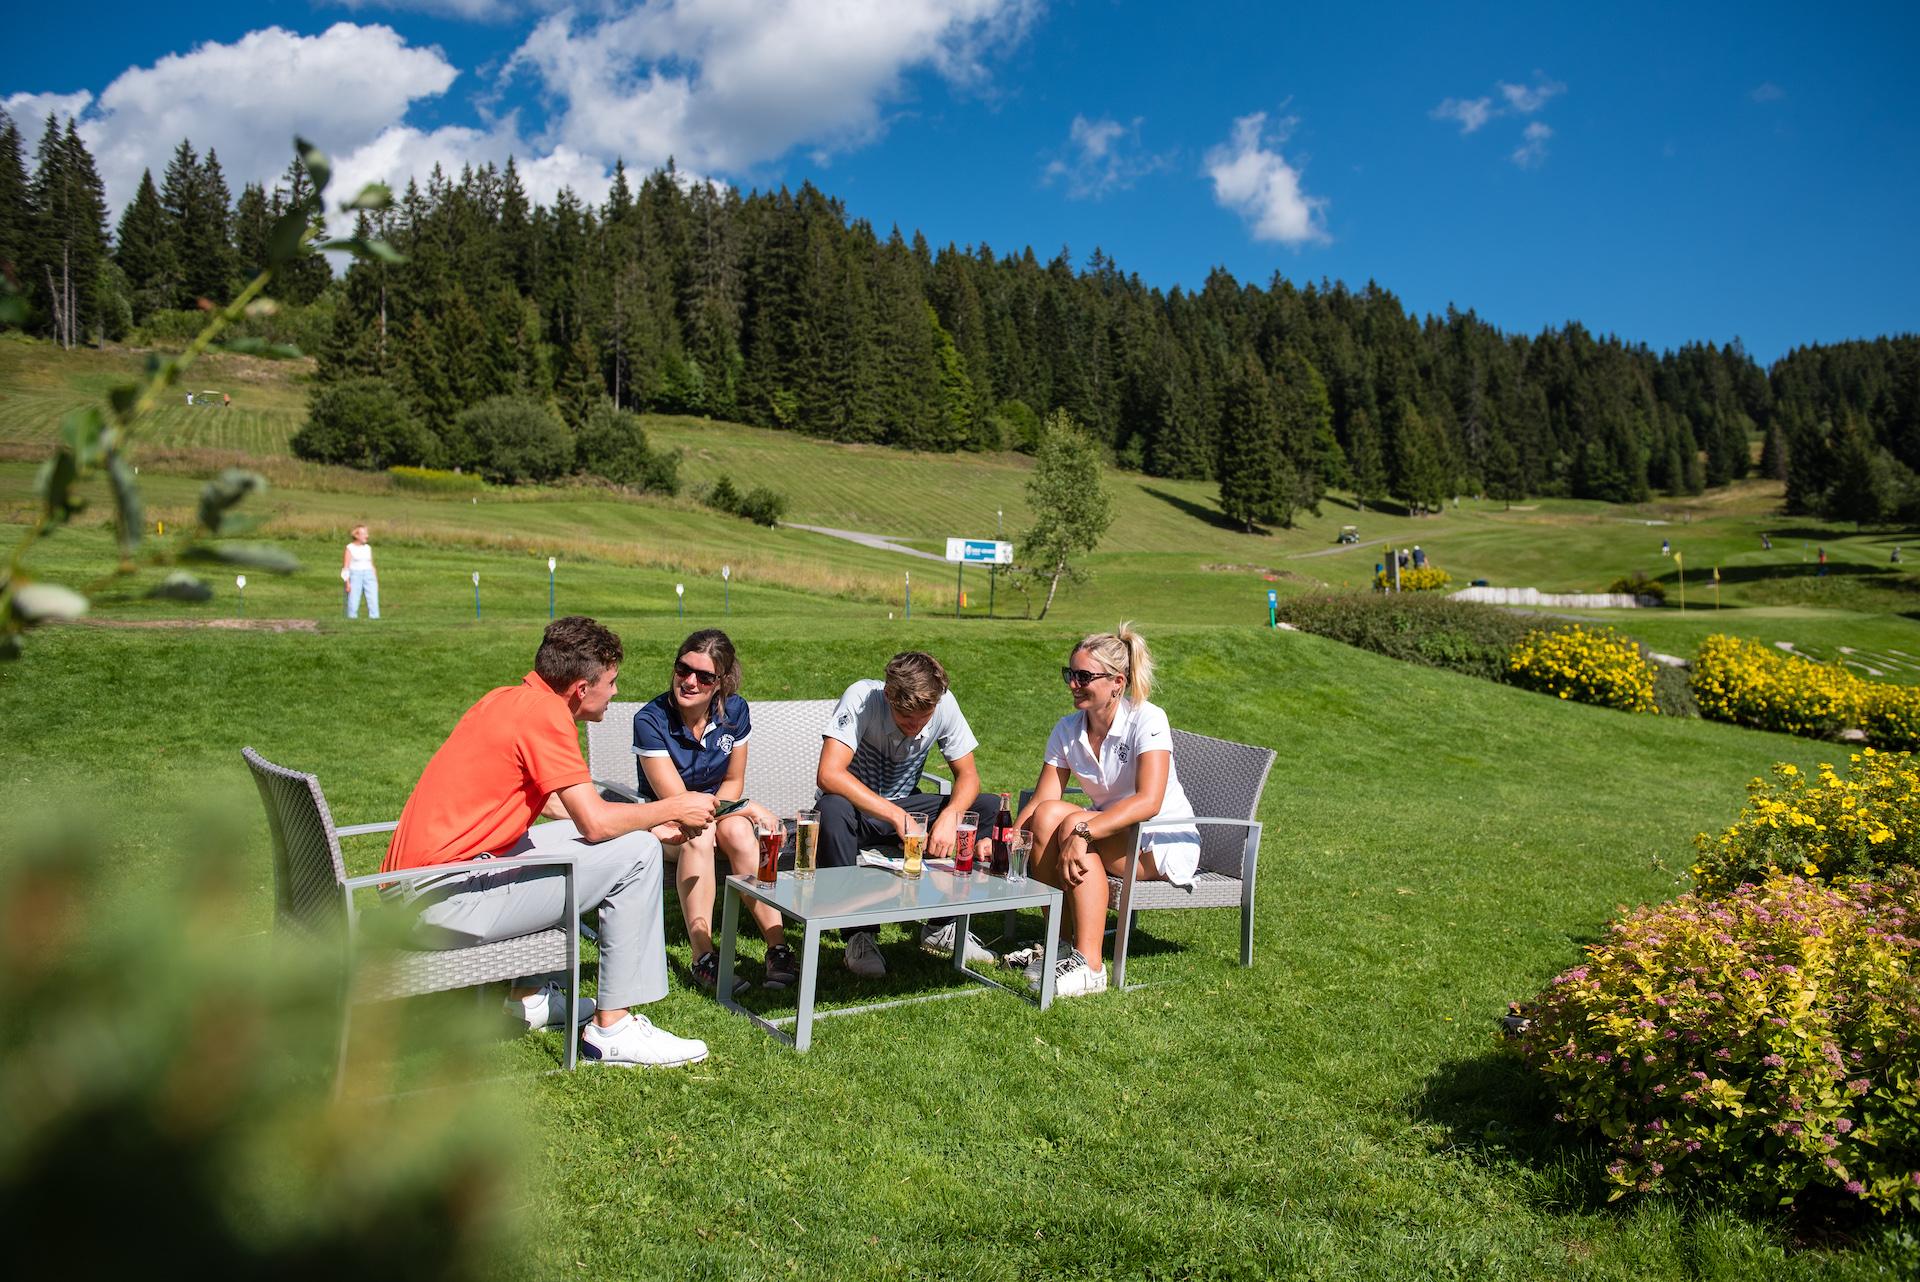 Groupe d'amis faisant une pause lors d'une partie de golf